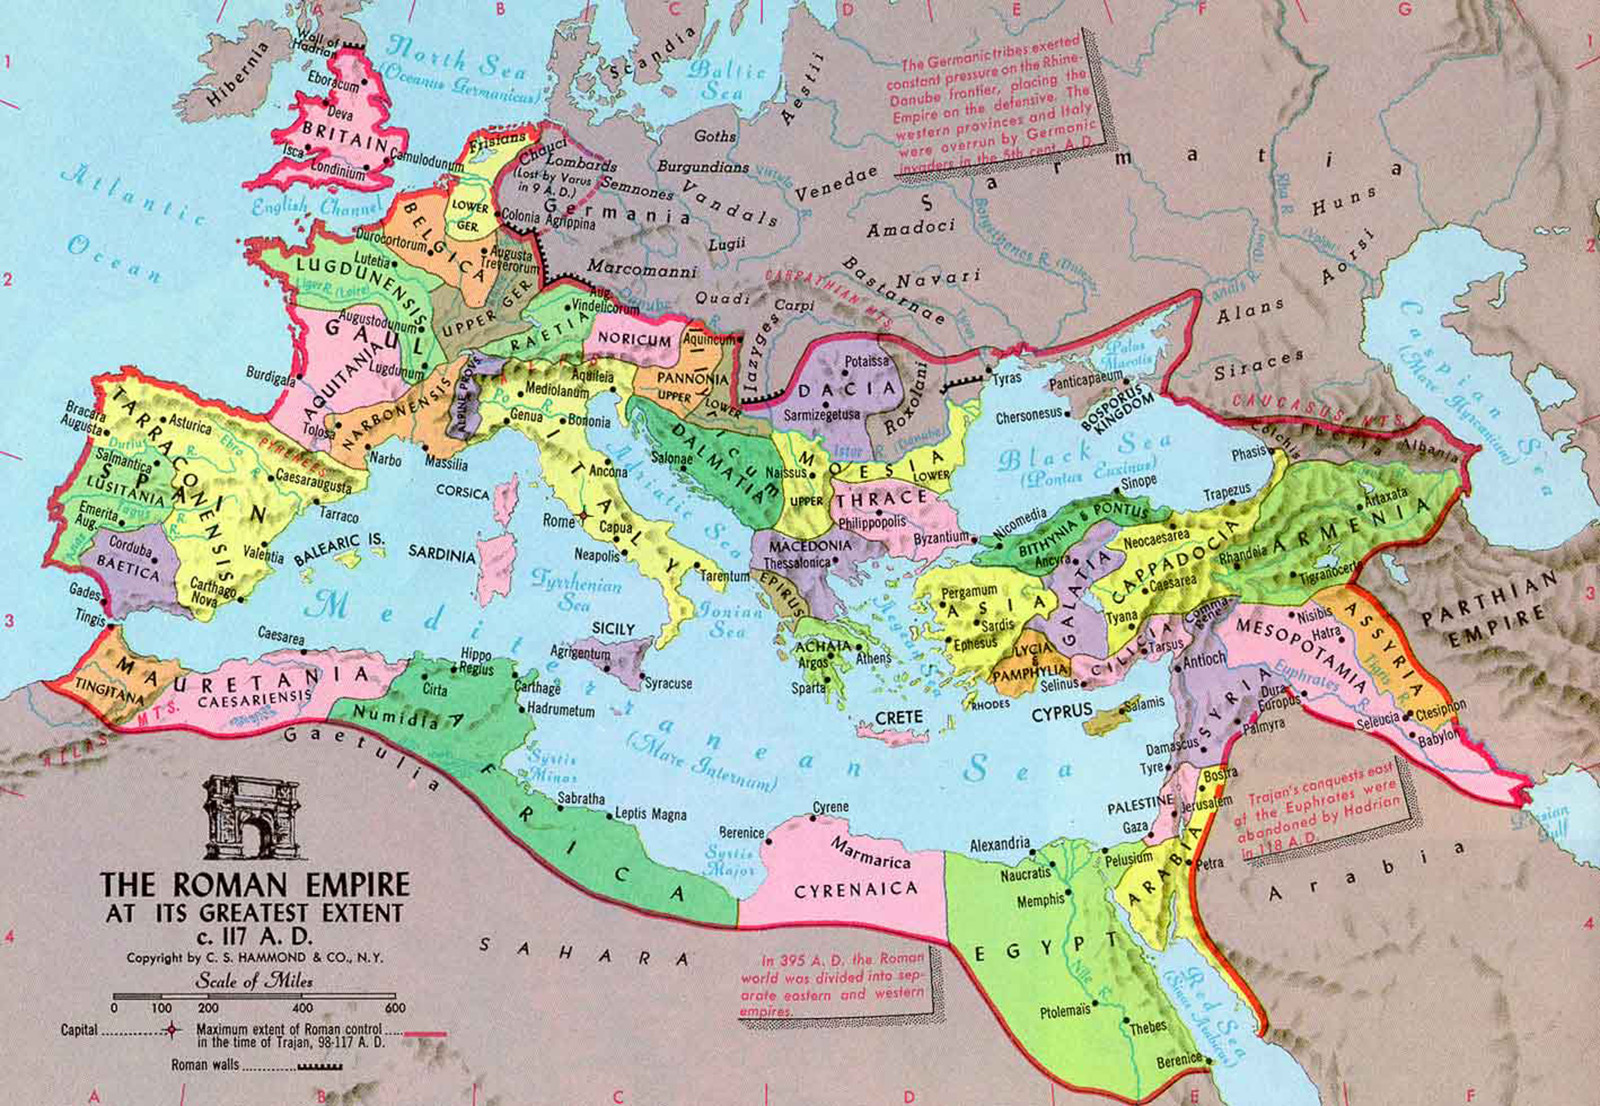 Карта Римской Империи 1-2 век н.э.